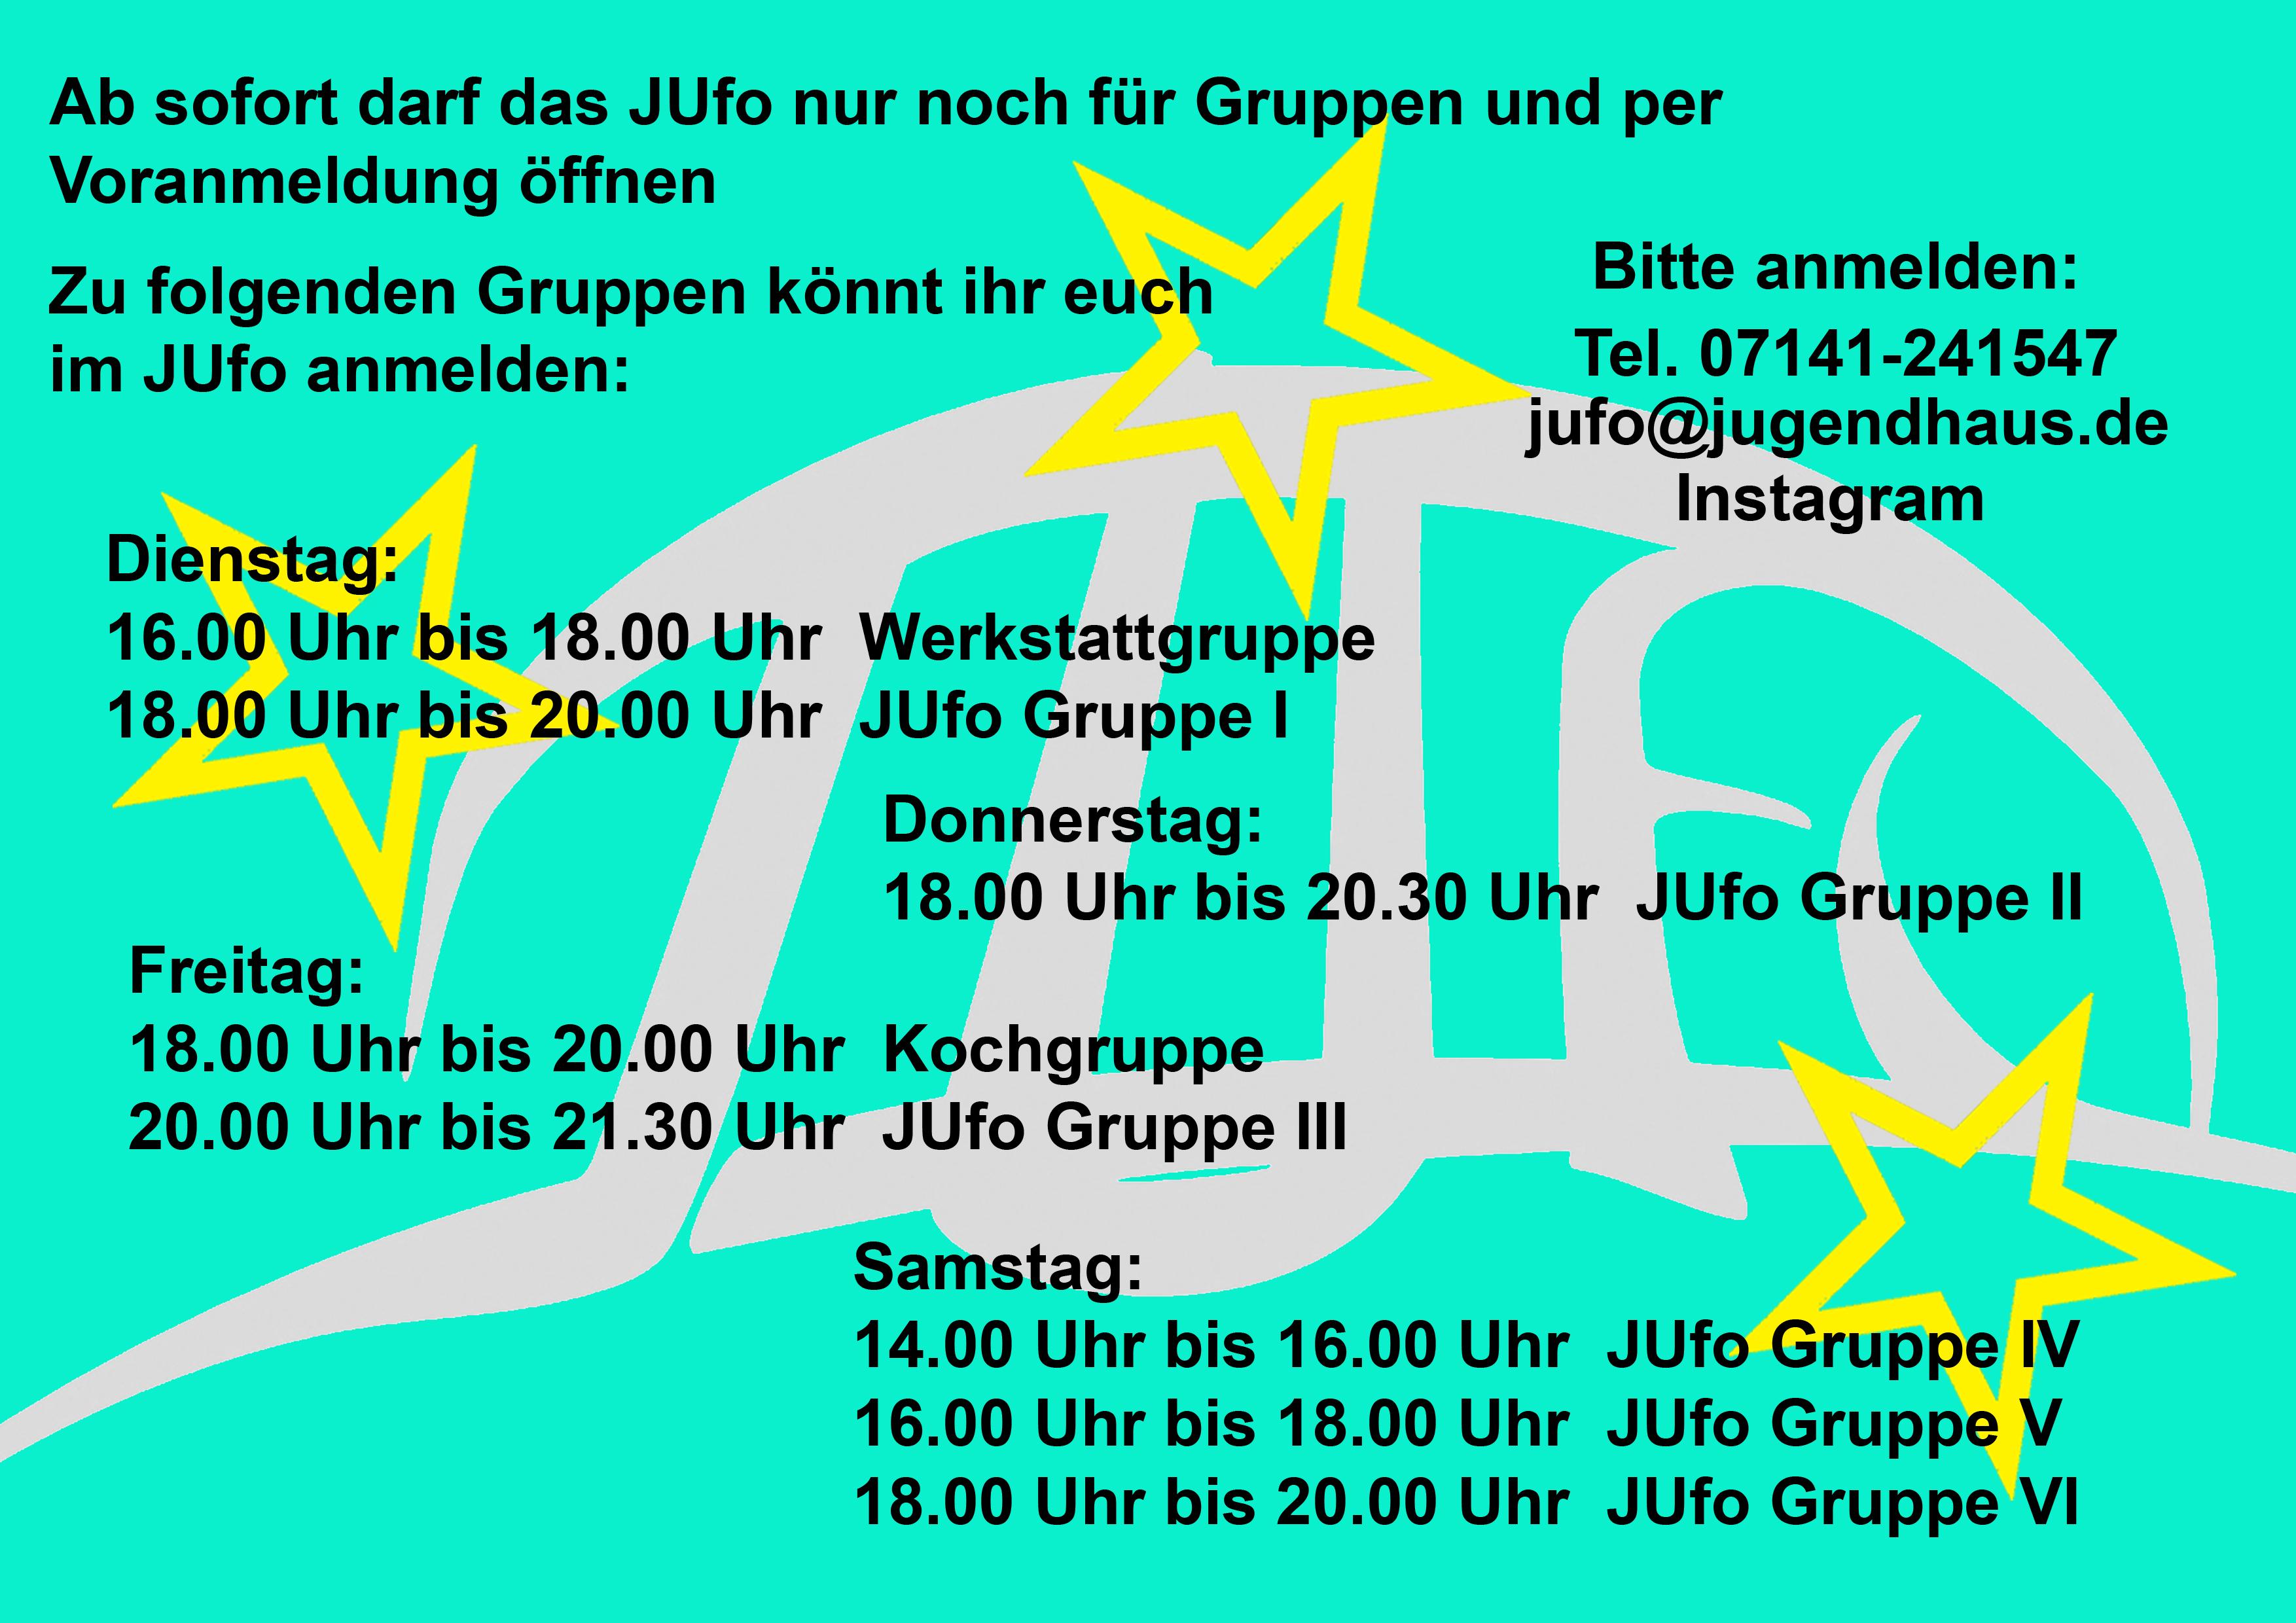 Ab sofort darf das JUfo nur noch für Gruppen und per Voranmeldung öffnen. Zu folgenden Gruppen könnt ihr euch im JUfo anmelden: Dienstag: 16.00 Uhr bis 18.00 Uhr: Werkstattgruppe , 18.00 Uhr bis 20.00 Uhr: JUfo Gruppe 1, Donnerstag: 18.00 Uhr bis 20.30 Uhr: JUfo Gruppe 2, Freitag: 18.00 Uhr bis 20.00 Uhr: Kochgruppe, 20.00 Uhr bis 21.30 Uhr: JUfo Gruppe 3, Samstag: 14.00 Uhr bis 16.00 Uhr: JUfo Gruppe 4, 16.00 Uhr bis 18.00 Uhr, JUfo Gruppe 5, 18.00 Uhr bis 20.00 Uhr: JUfo Gruppe 6. Bitte anmelden: Tel. 07141 241547, jufo@jugendhaus.de, Instagram